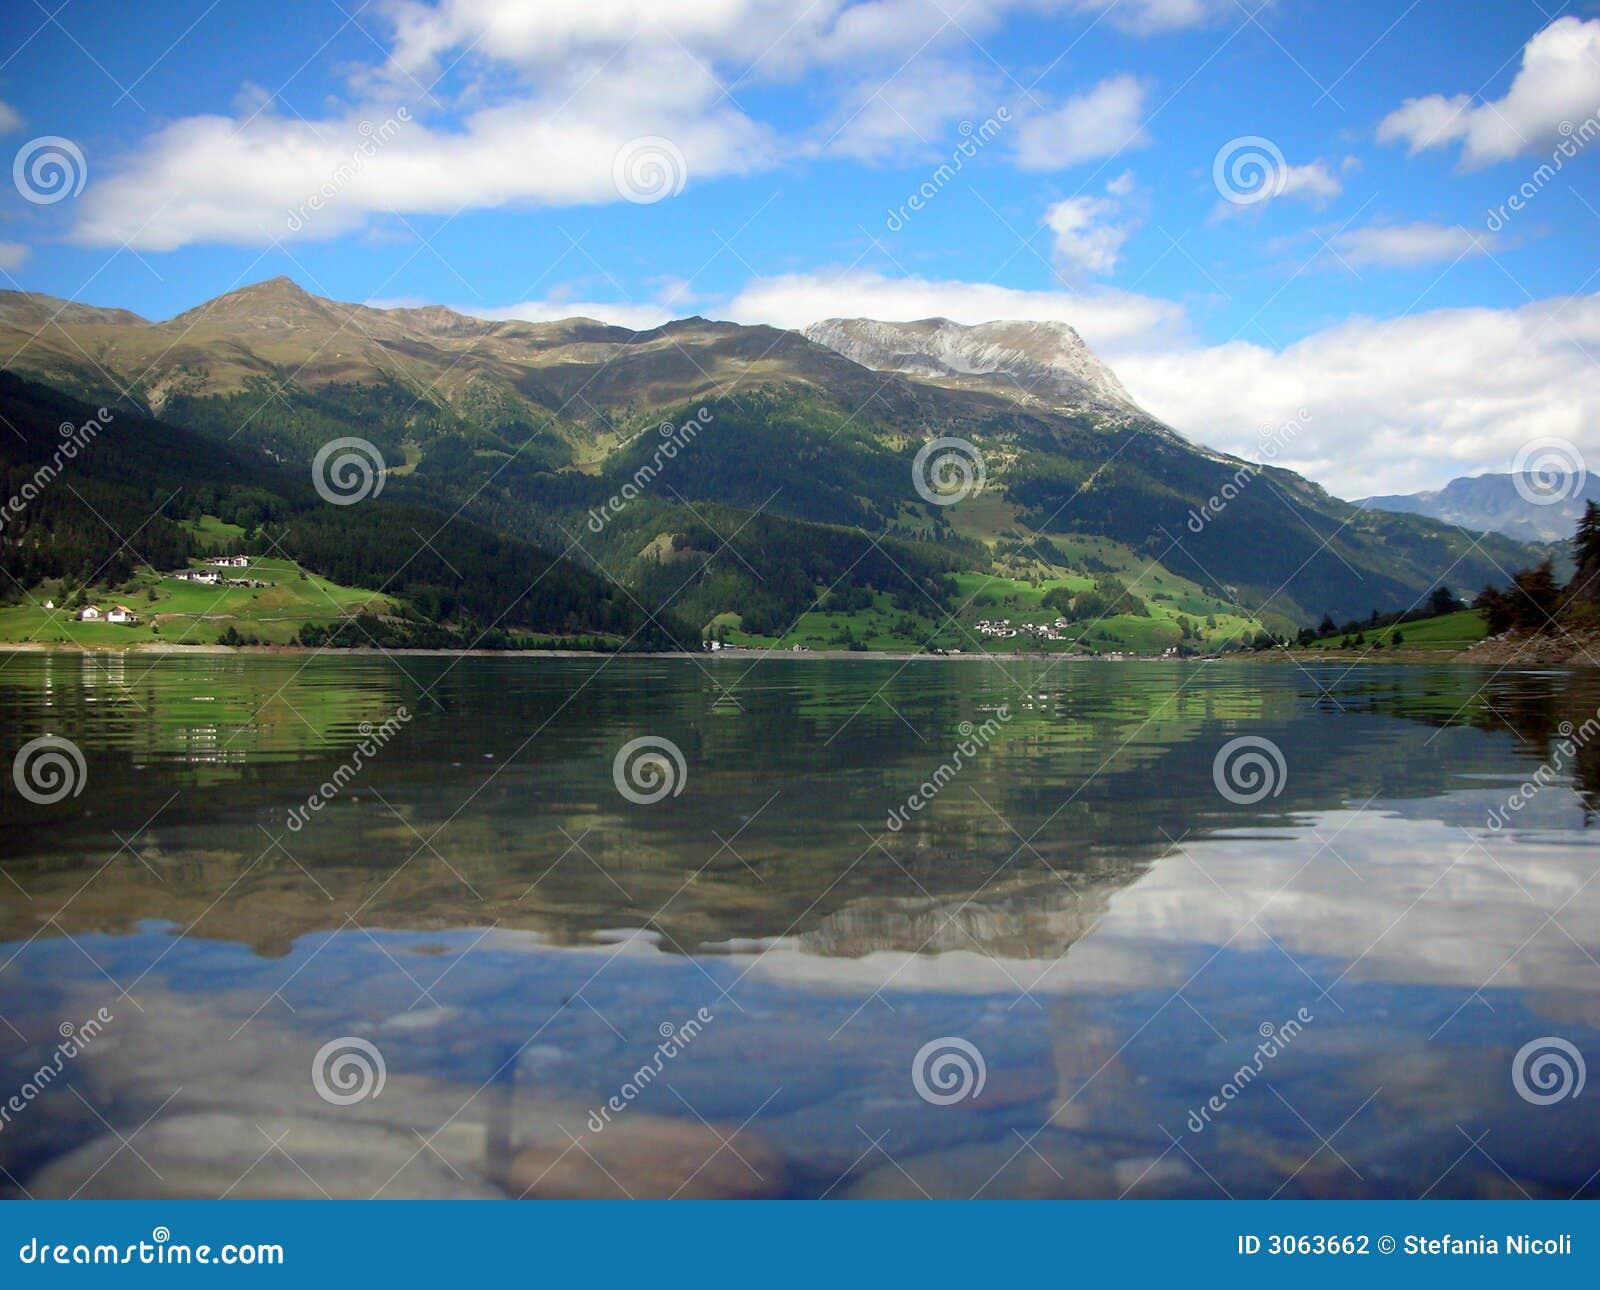 Resia lake